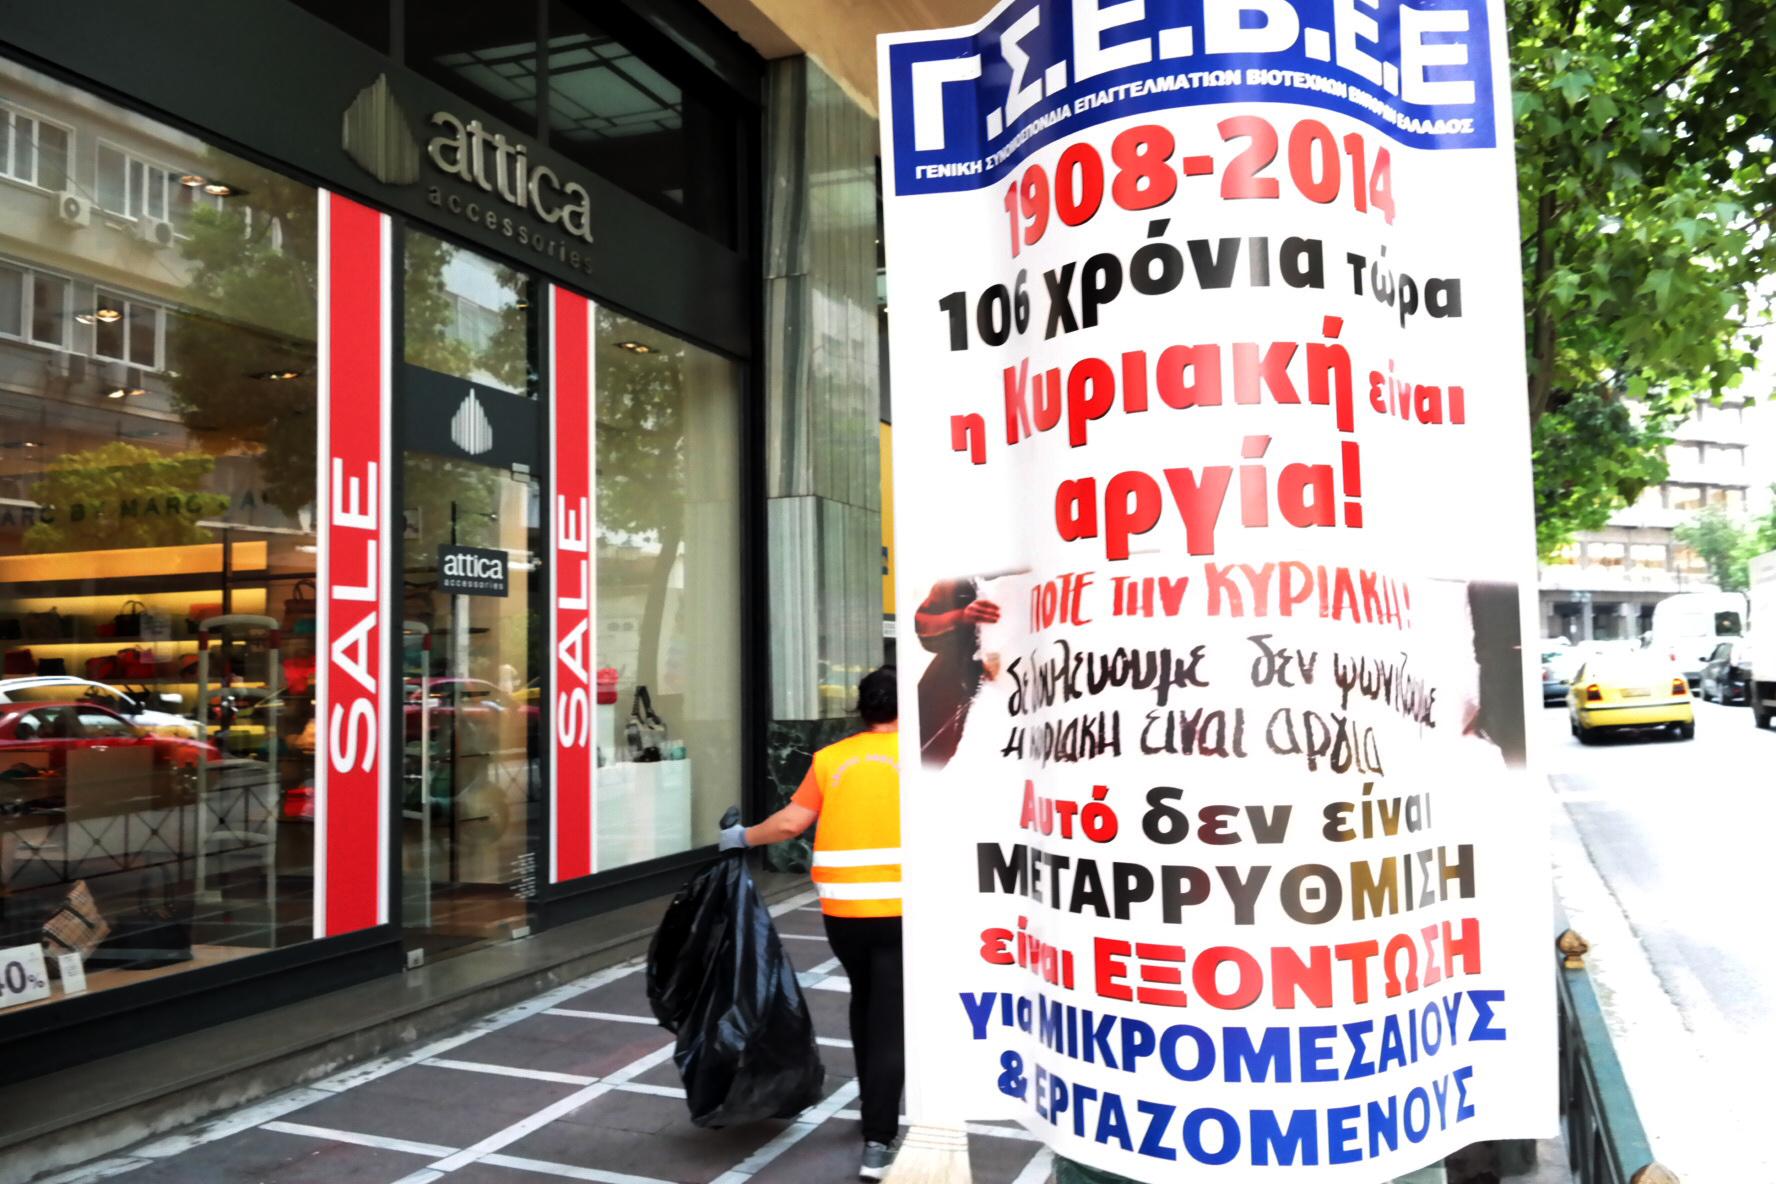 efd8df09e6a Αντιδράσεις για τα ανοιχτά καταστήματα όλες τις Κυριακές - CNN.gr